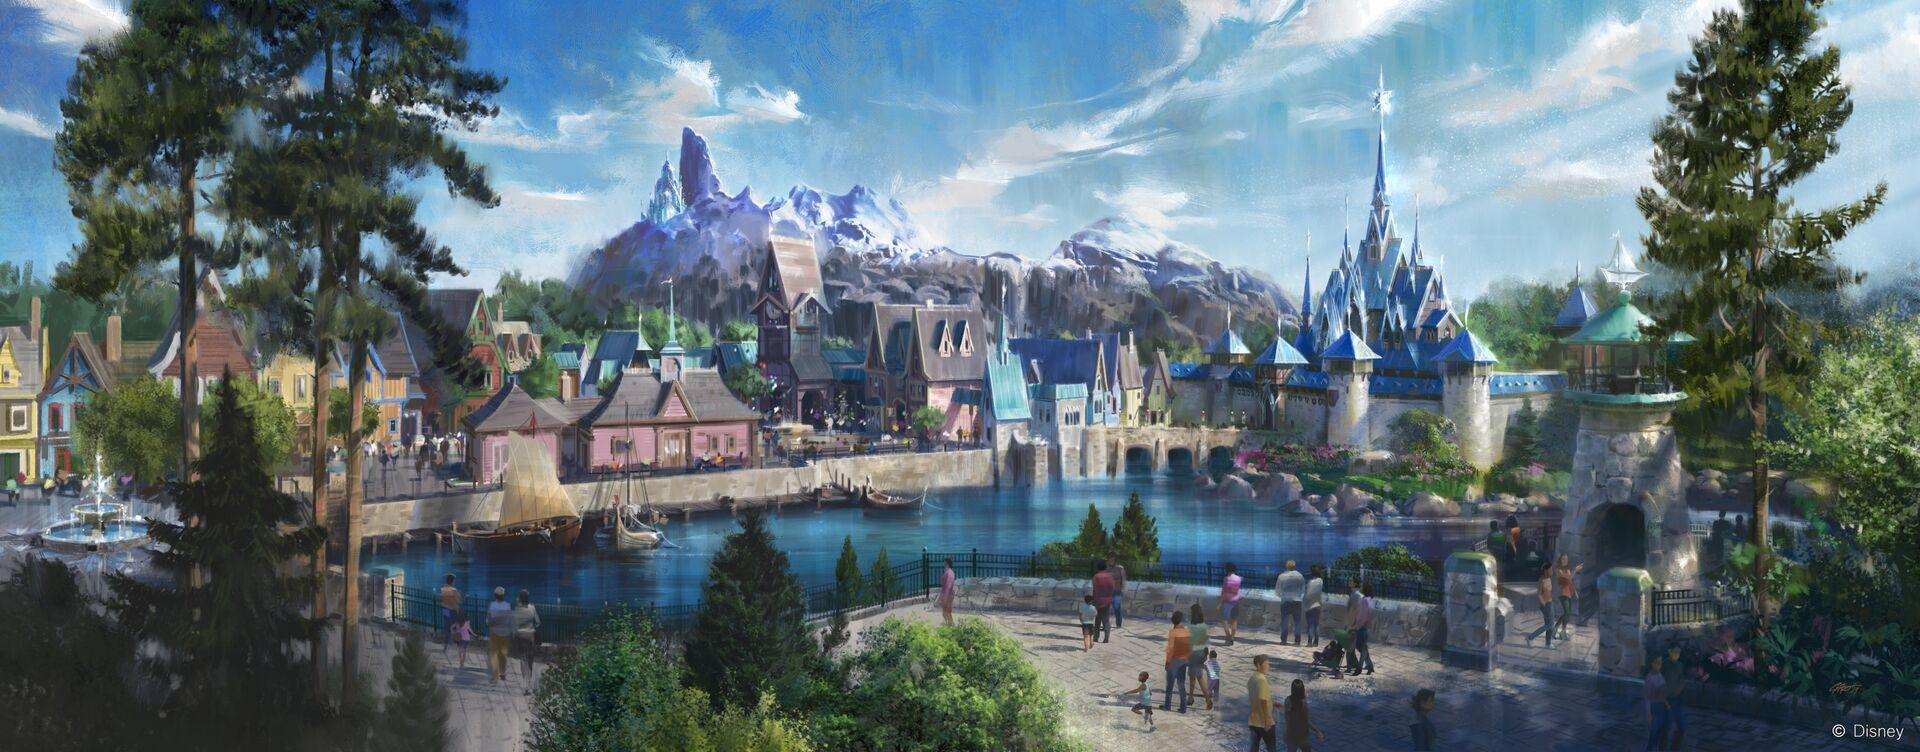 Disneyland Paris teases updates at event